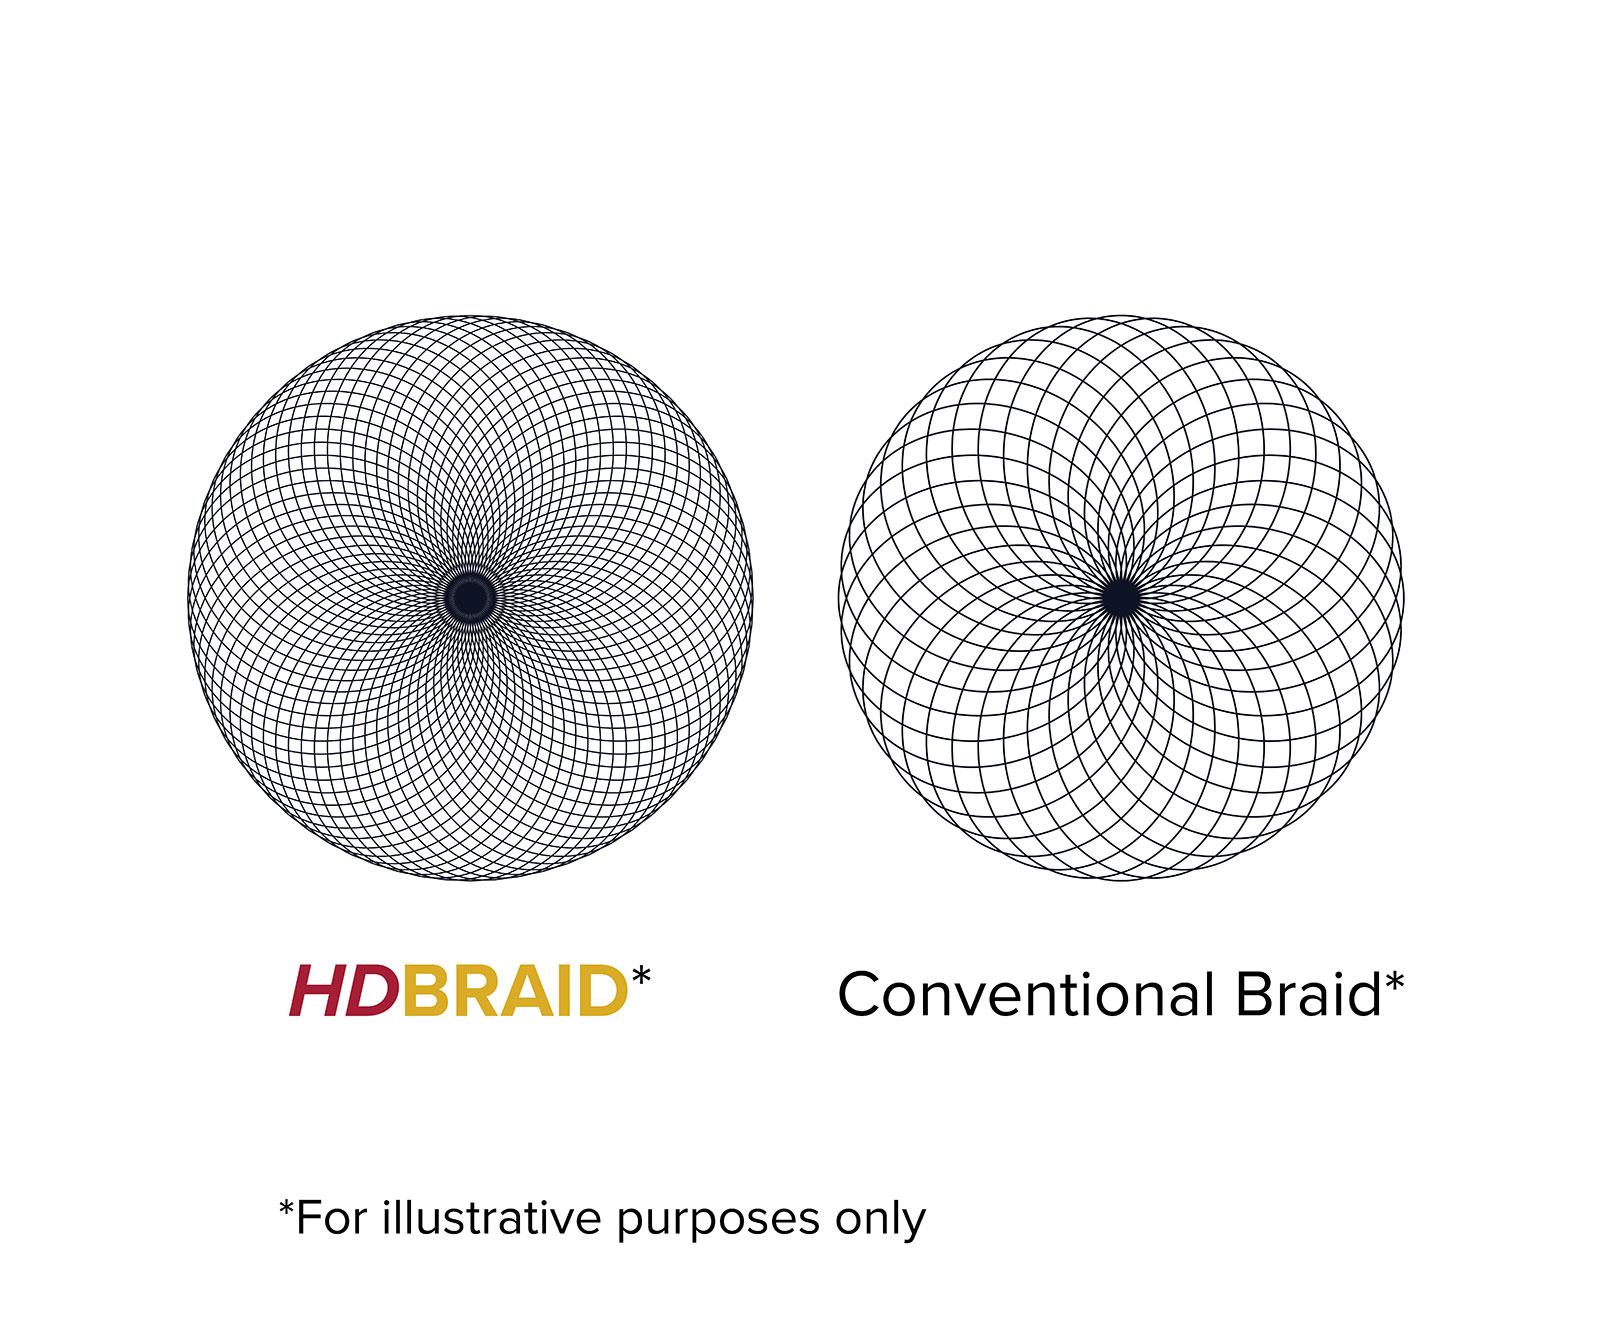 HDbraid